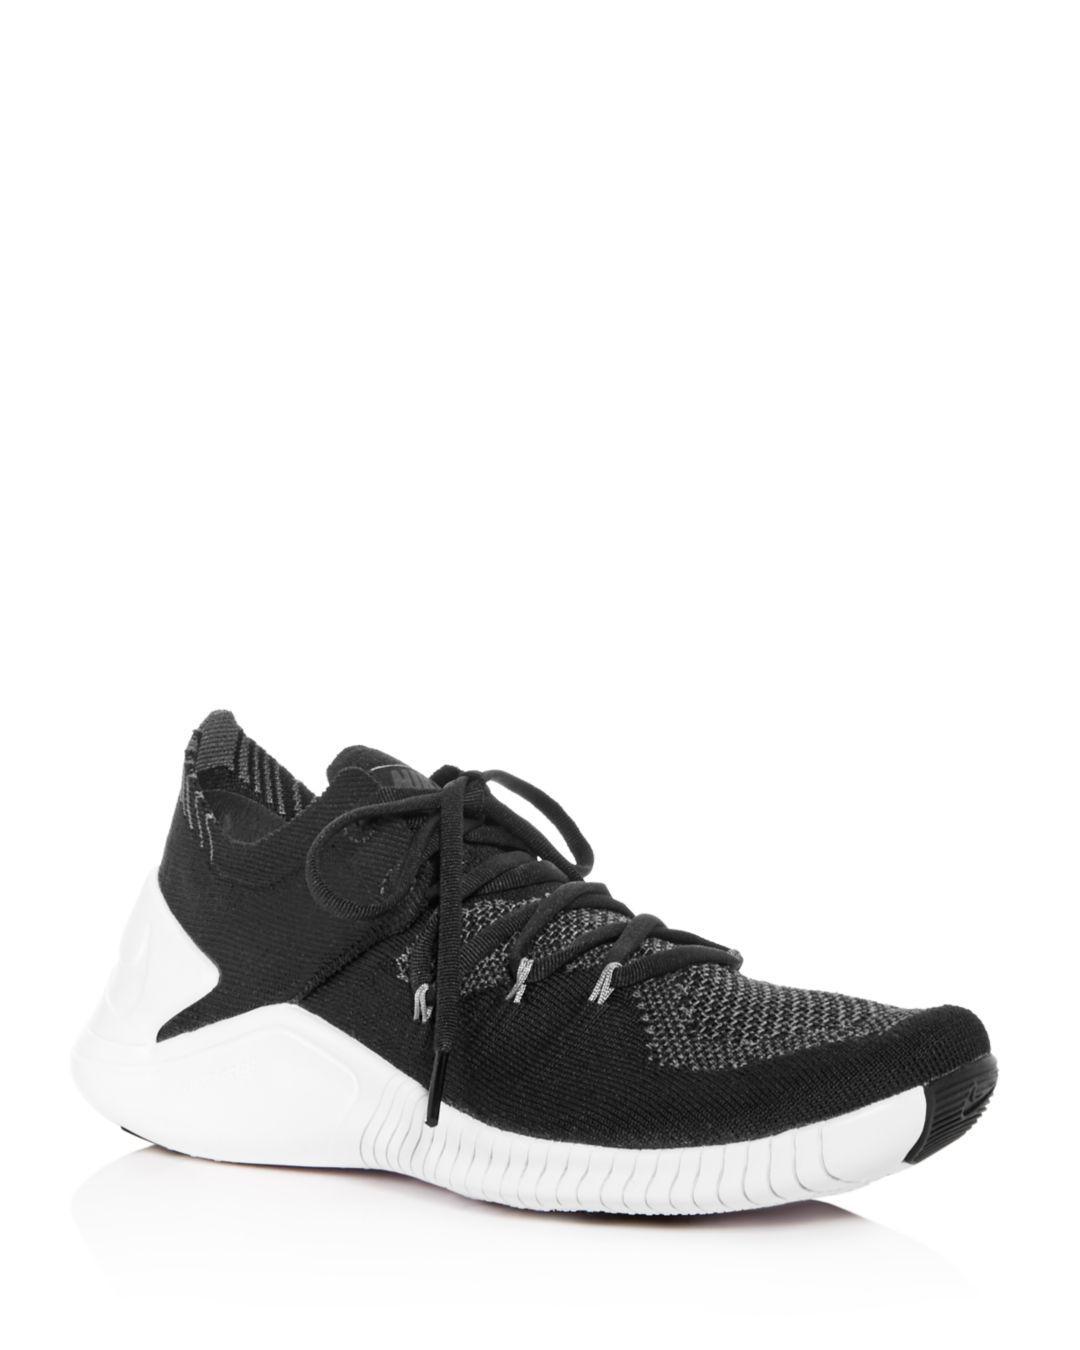 bdb330cf6322b Lyst - Nike Women s Free Tr 3 Flyknit Low-top Sneakers in Black ...